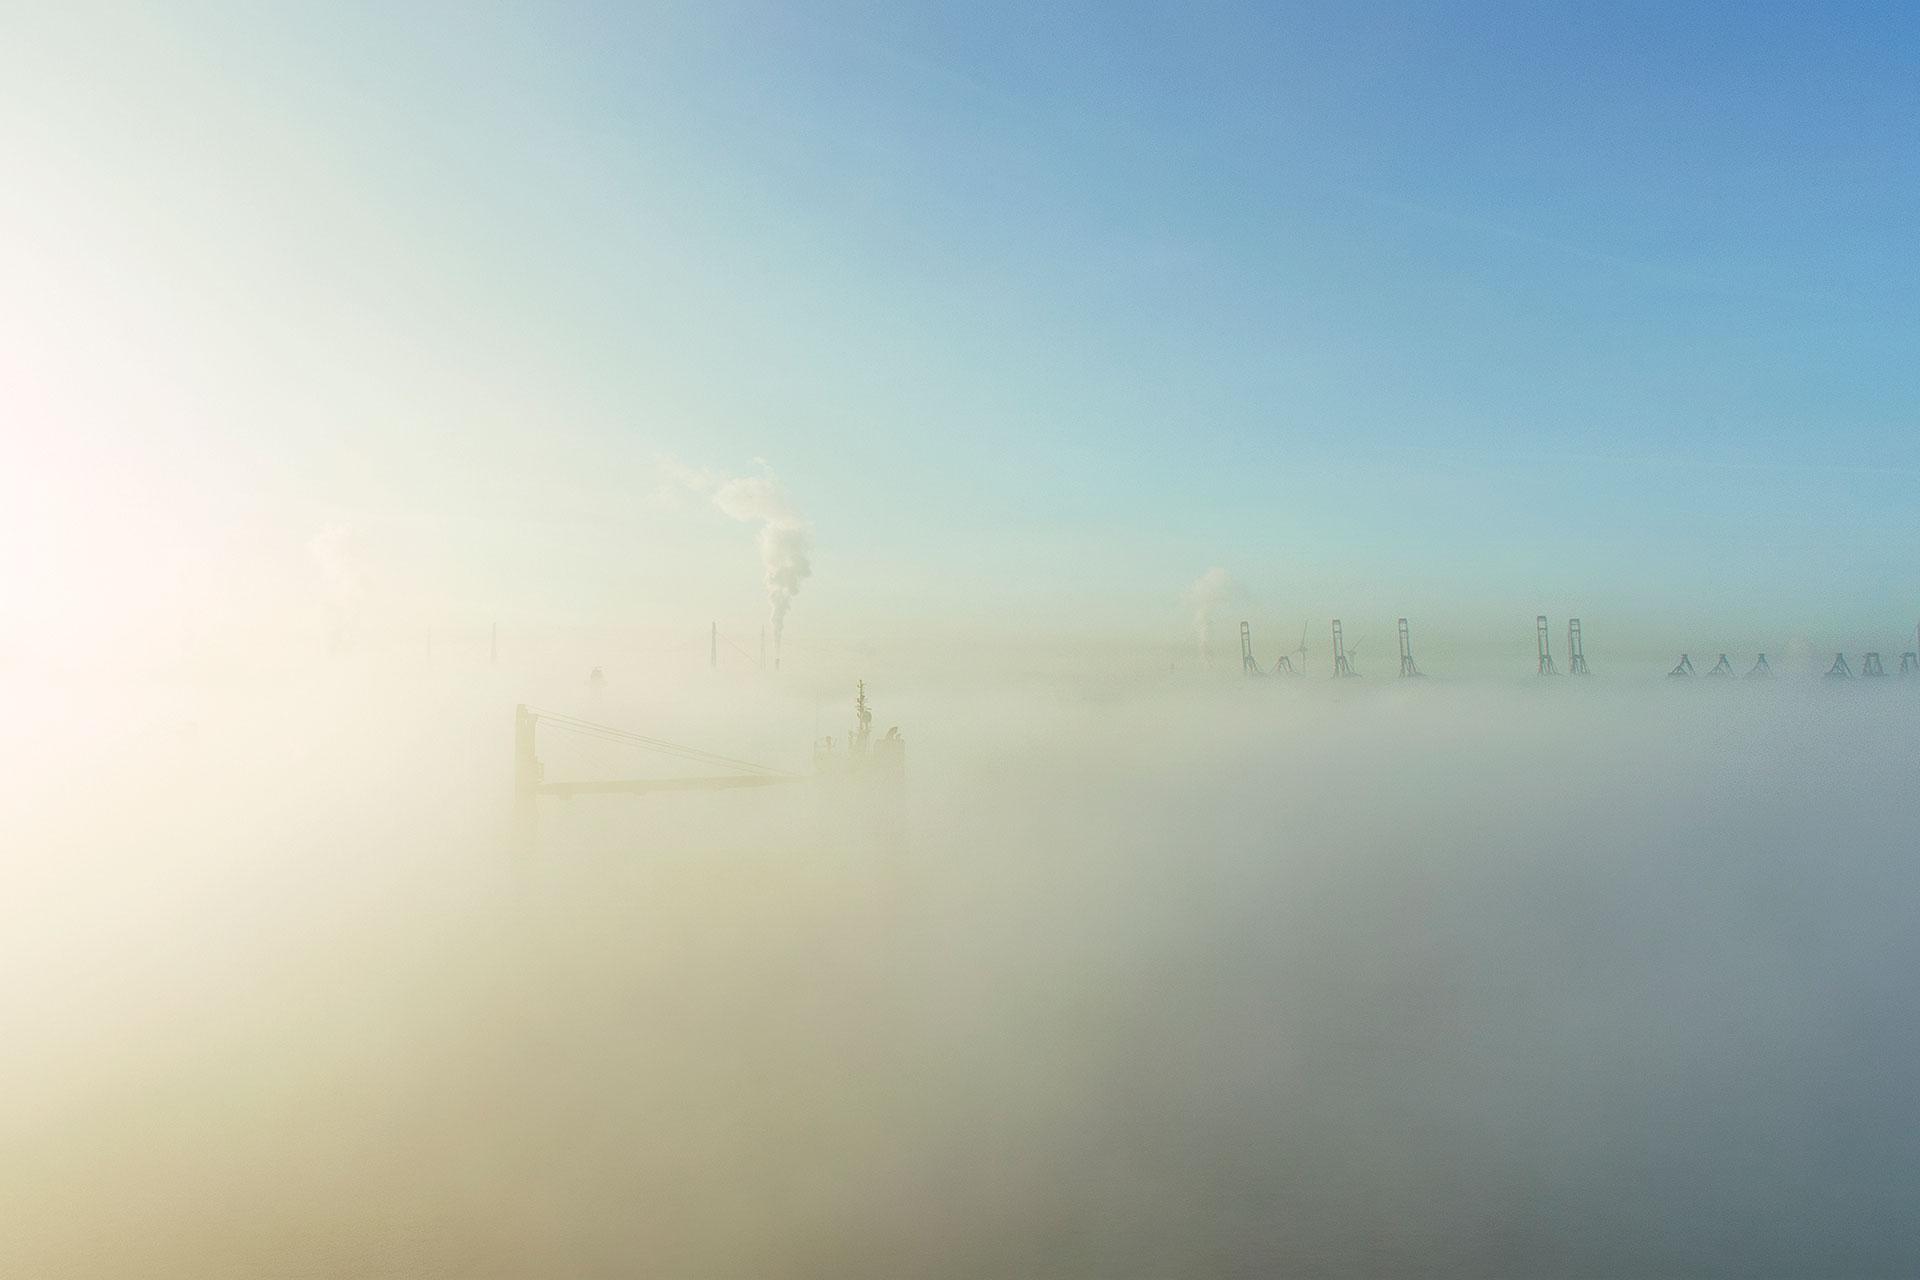 LCW260-nebelgiraffen-hamburg-wandbild-bild-auf-leinwand-acrylglas-aludibond